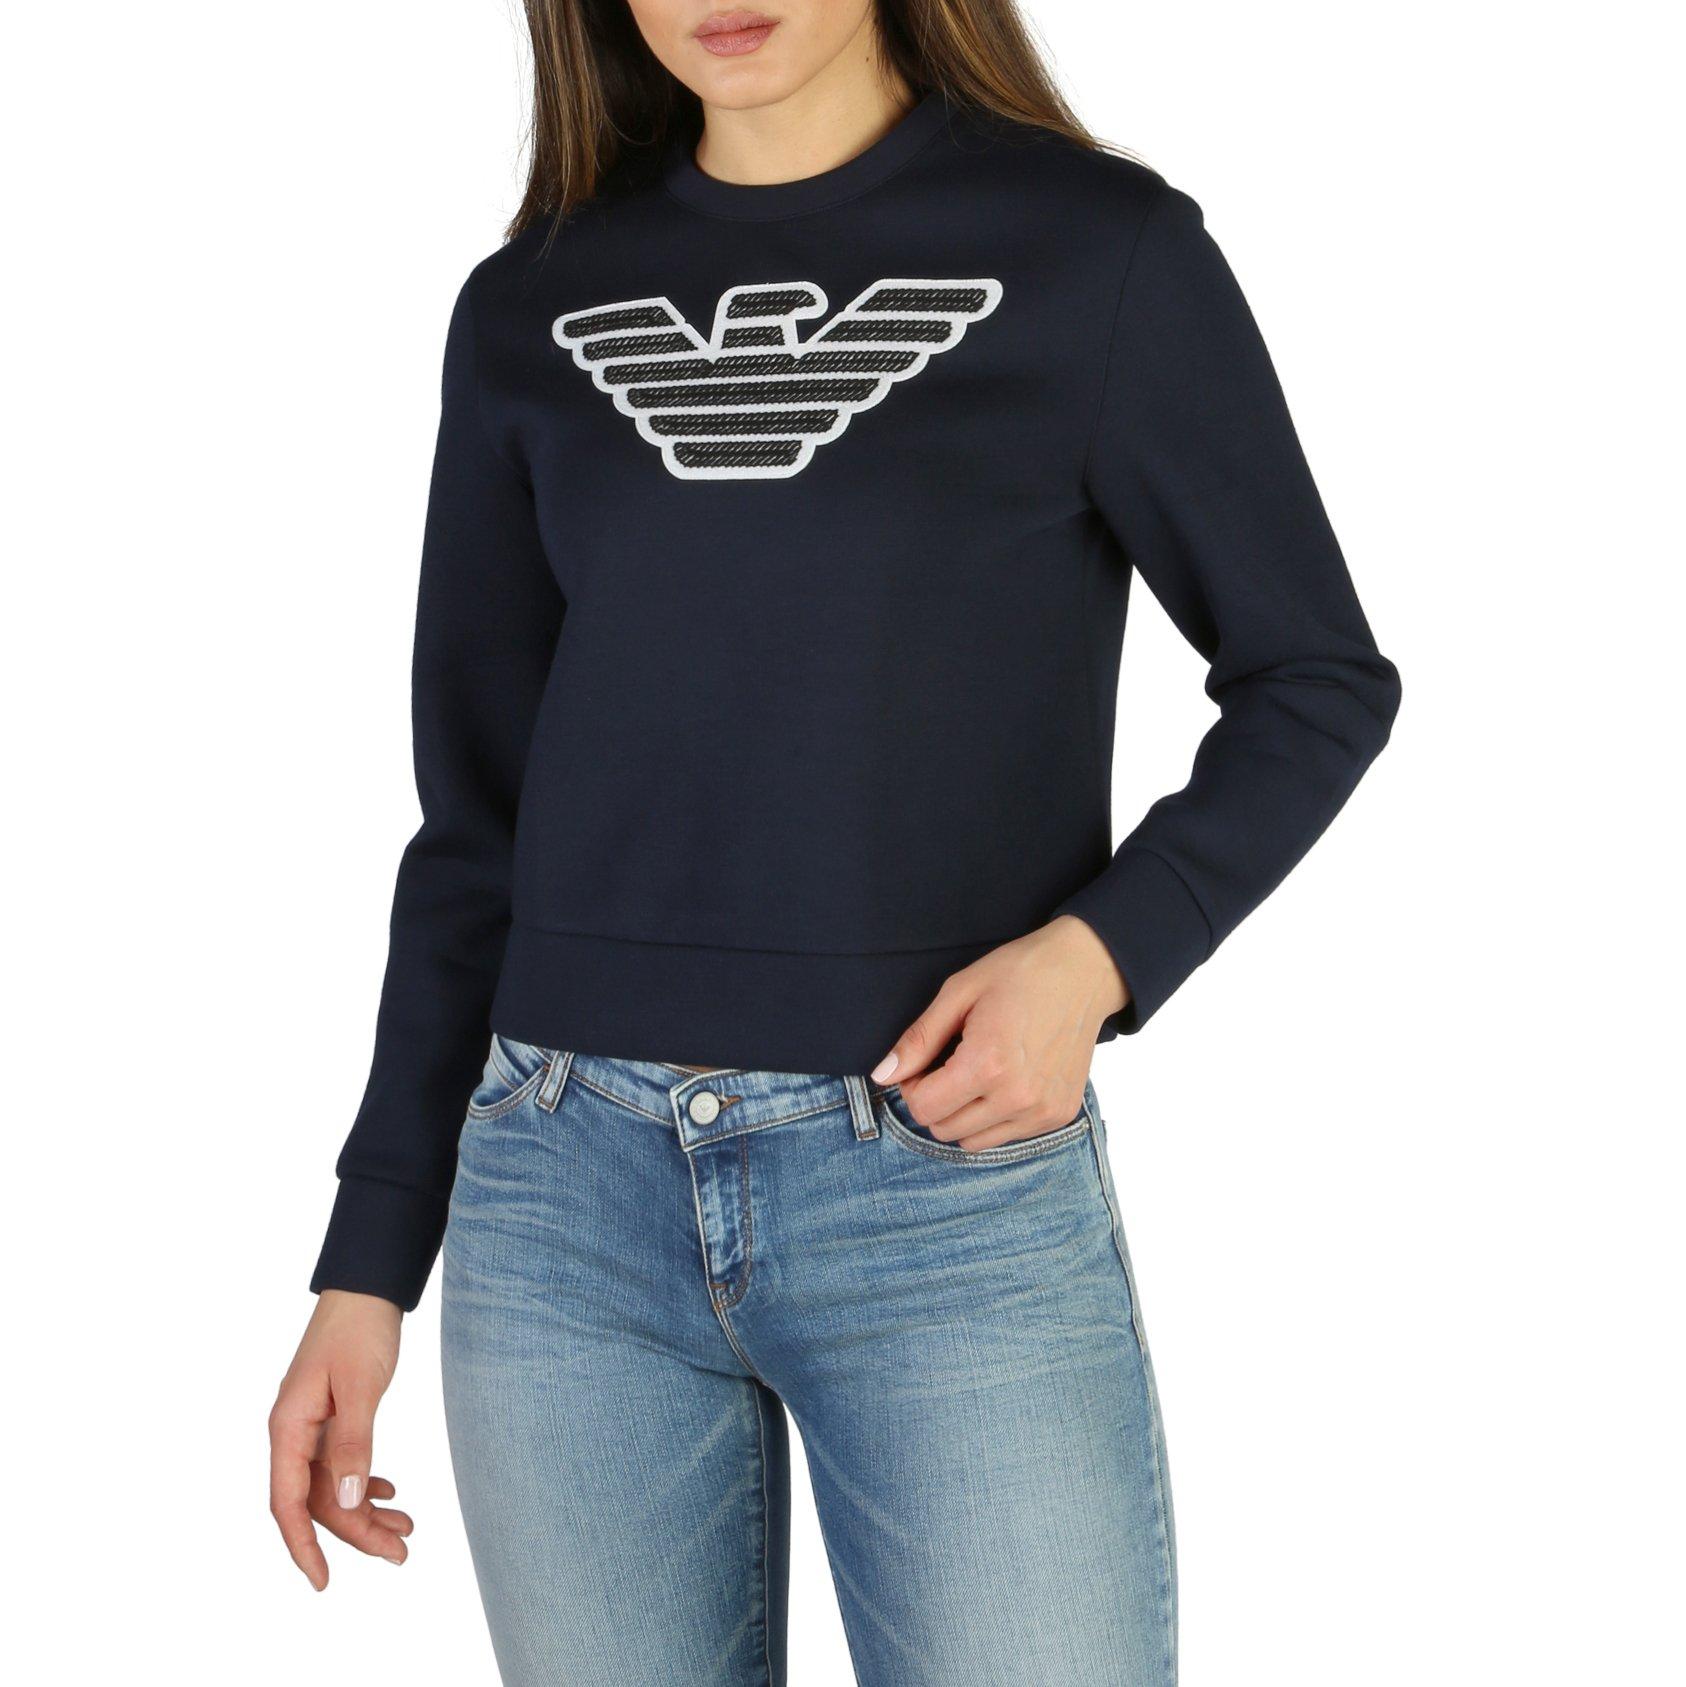 Emporio Armani Women's Sweatshirt Various Colours 3Z2M752JPUZ0 - blue 44